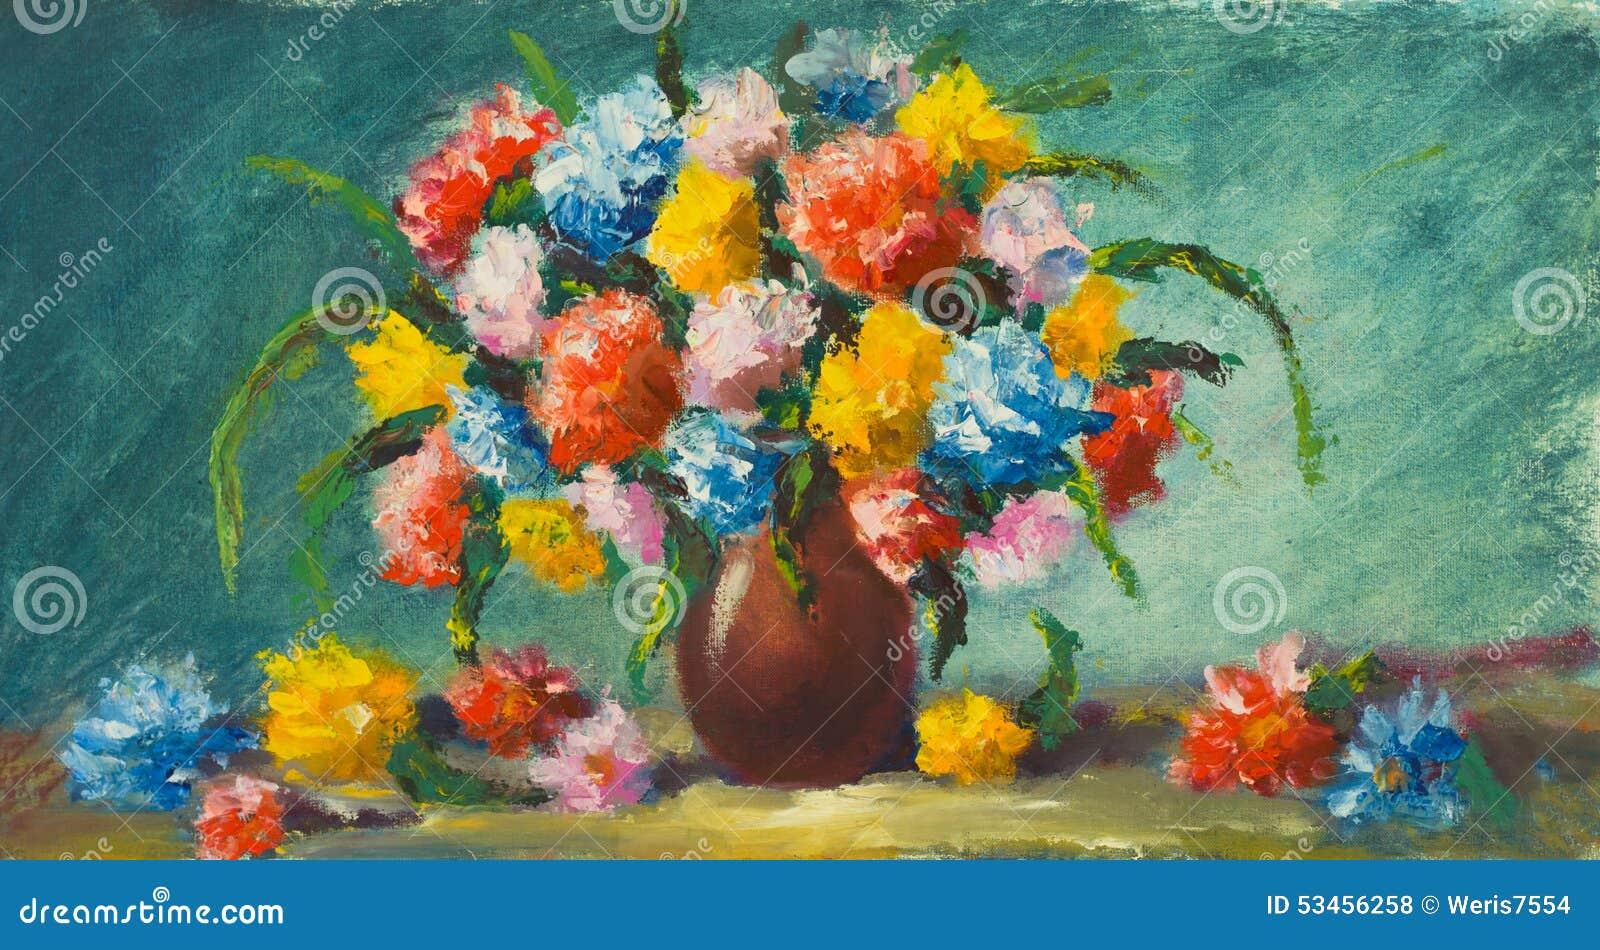 Vasenblumen Malerei von schönen Blumen auf Segeltuch gestaltungsarbeit